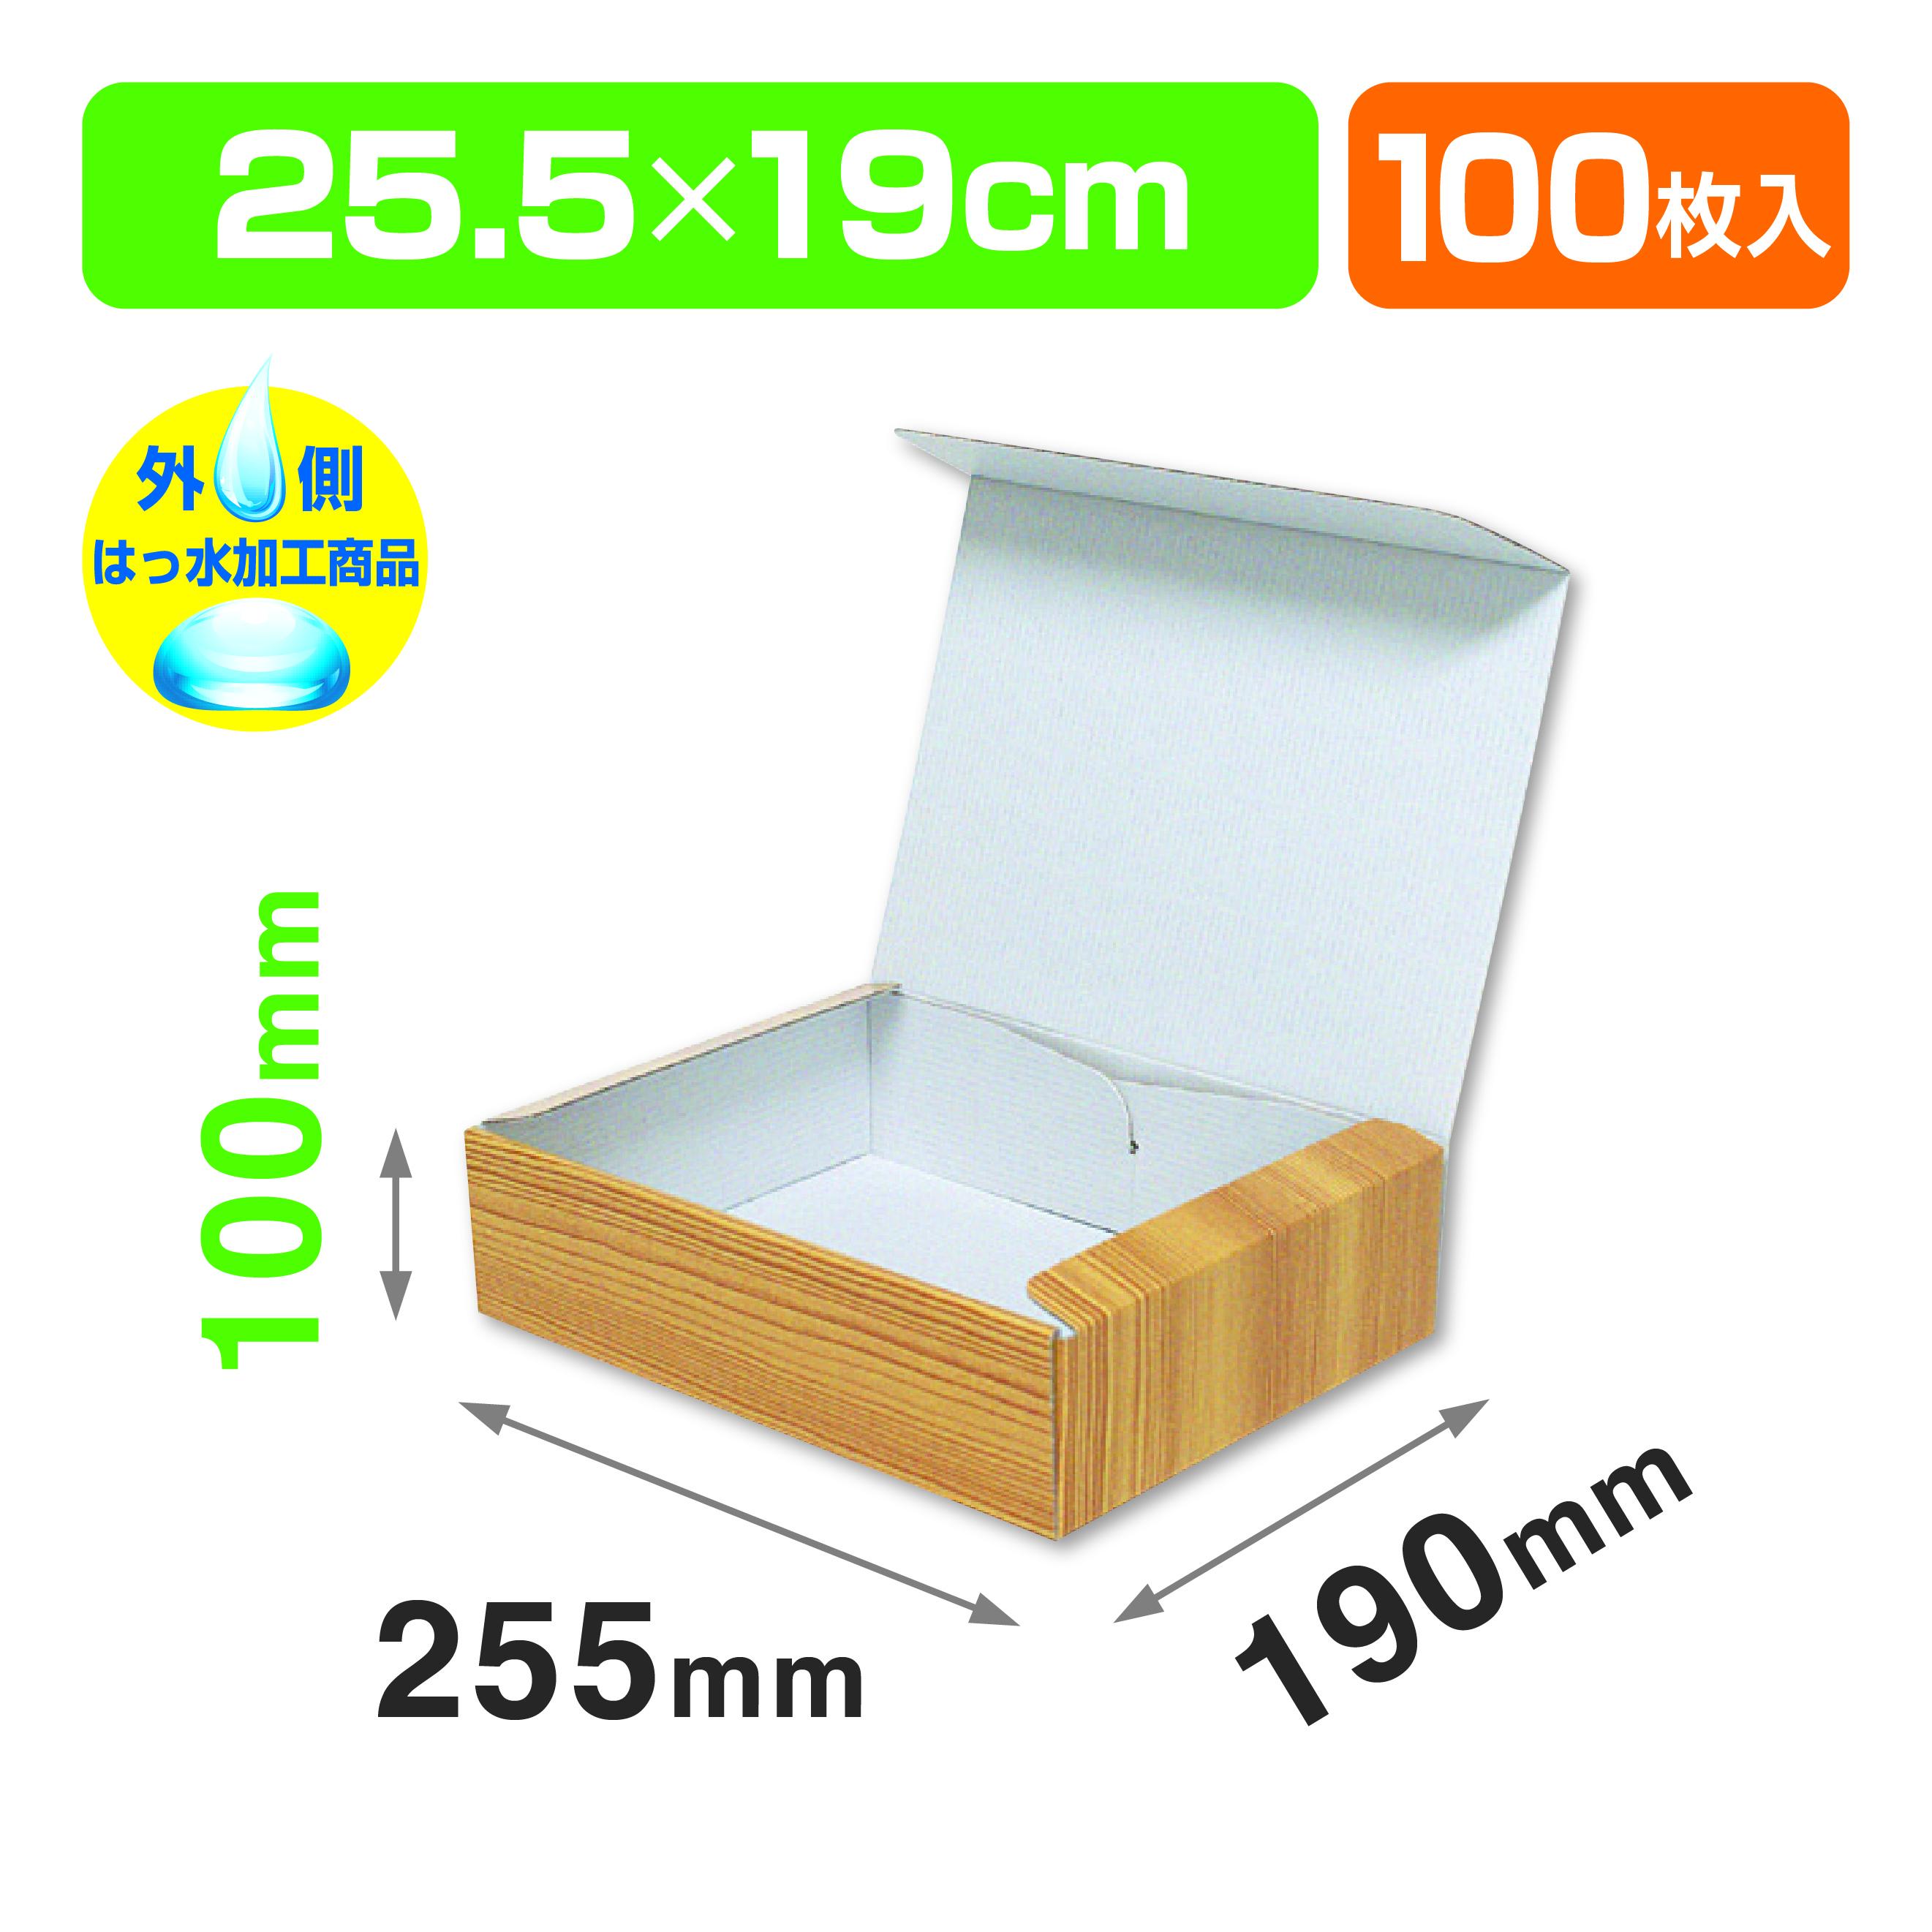 撥水宅配箱2(はっ水宅配箱)